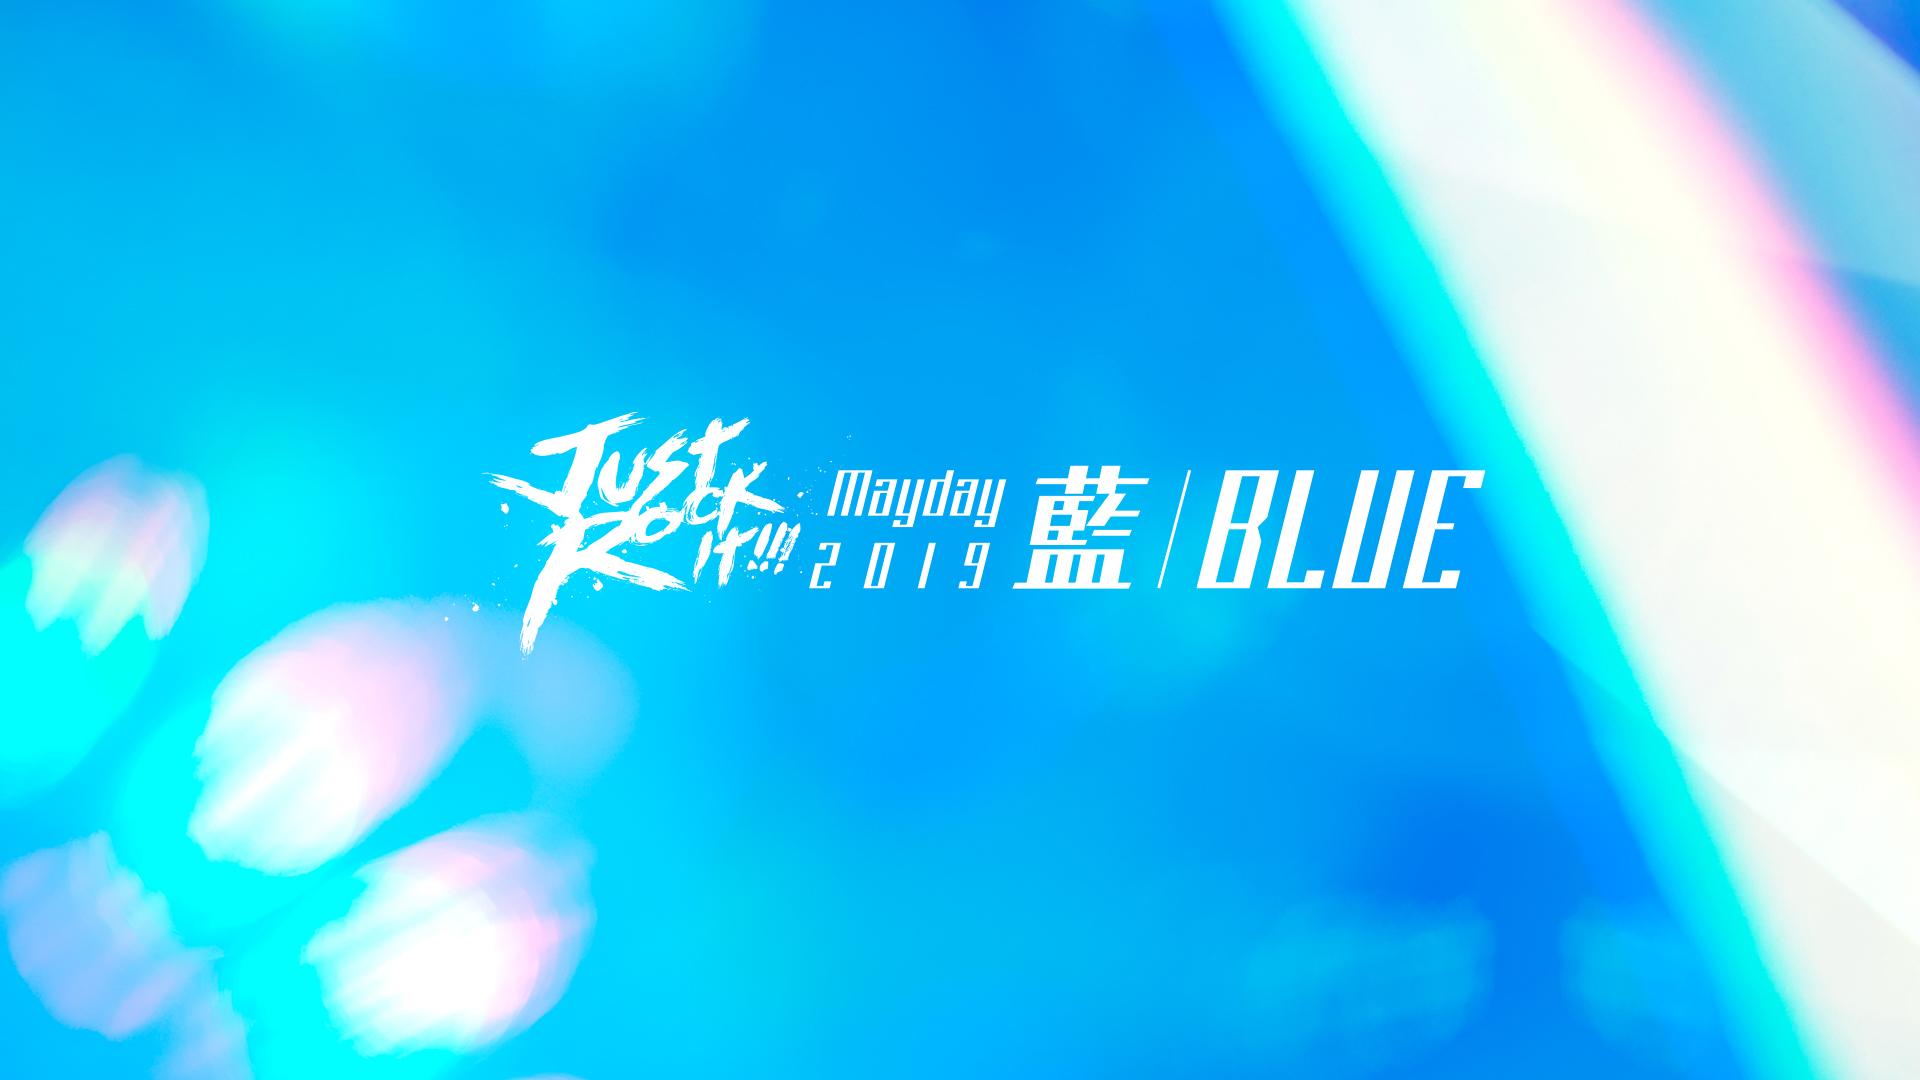 Mayday 2019 Just Rock It!!! 藍|B L U E